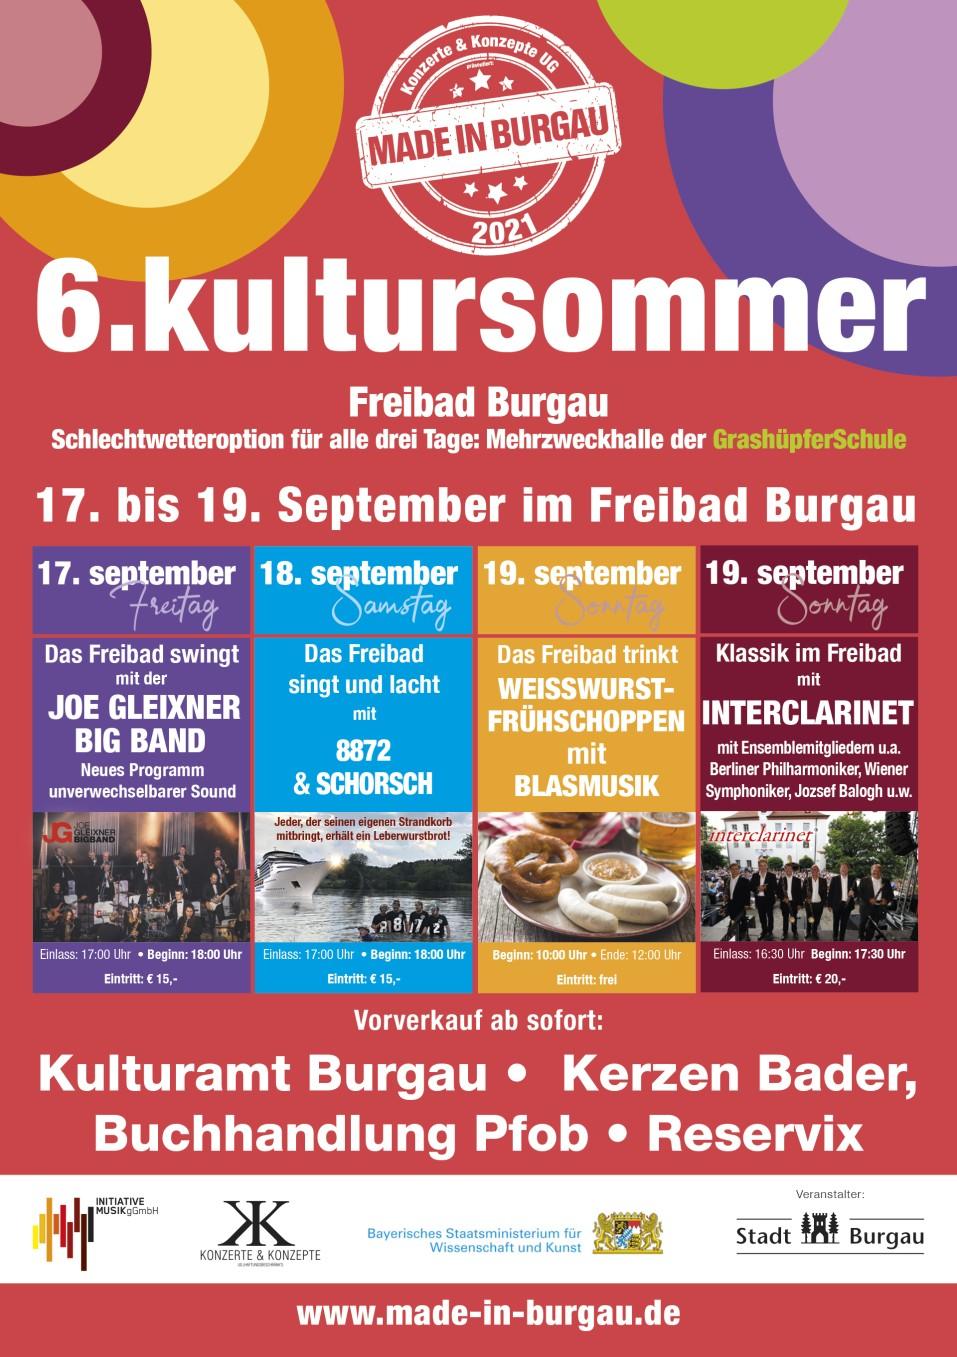 6.kultursommer_plakat